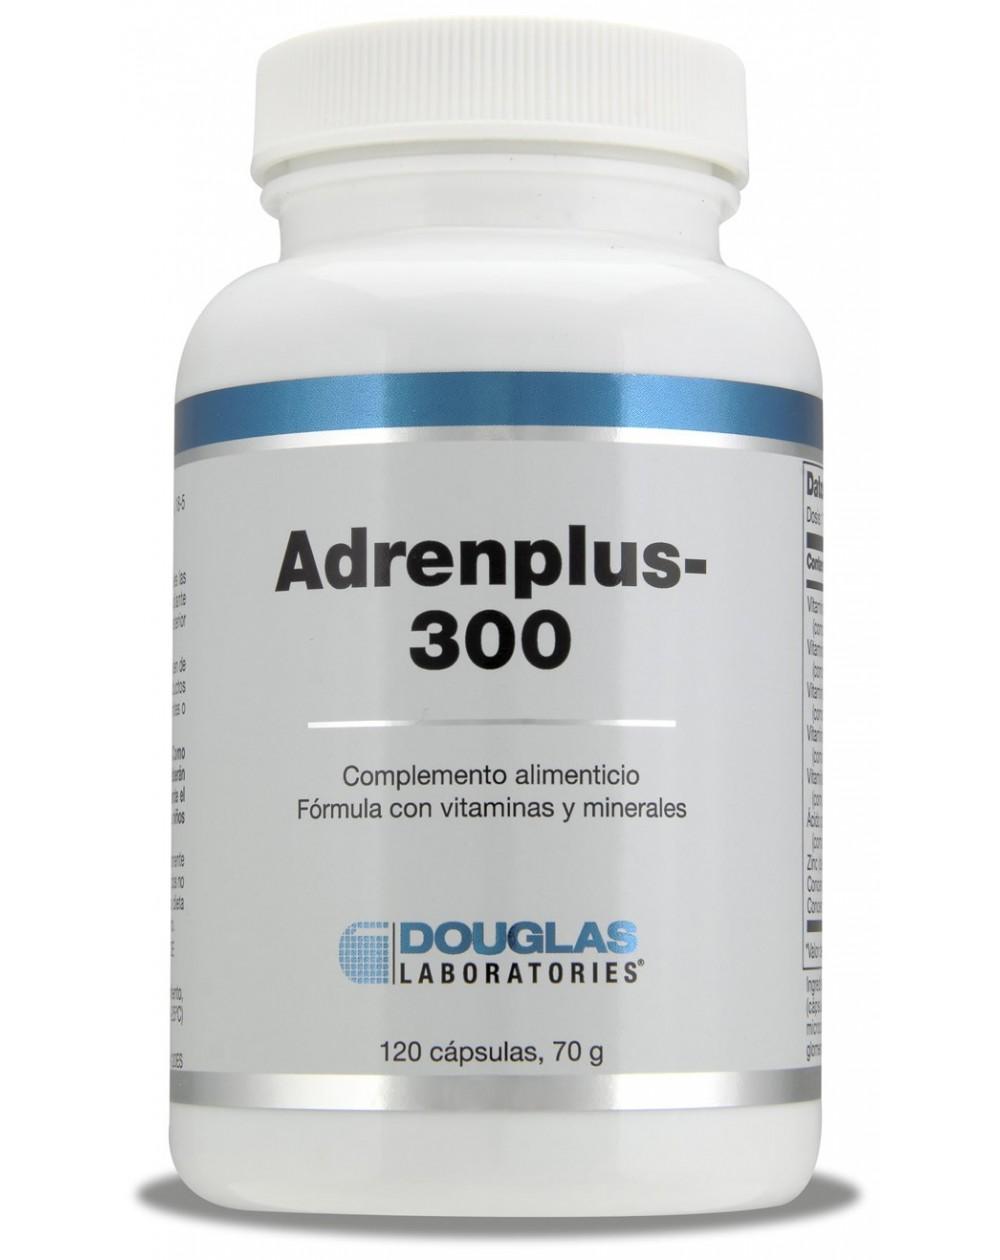 Adrenplus-300 (120 cápsulas)